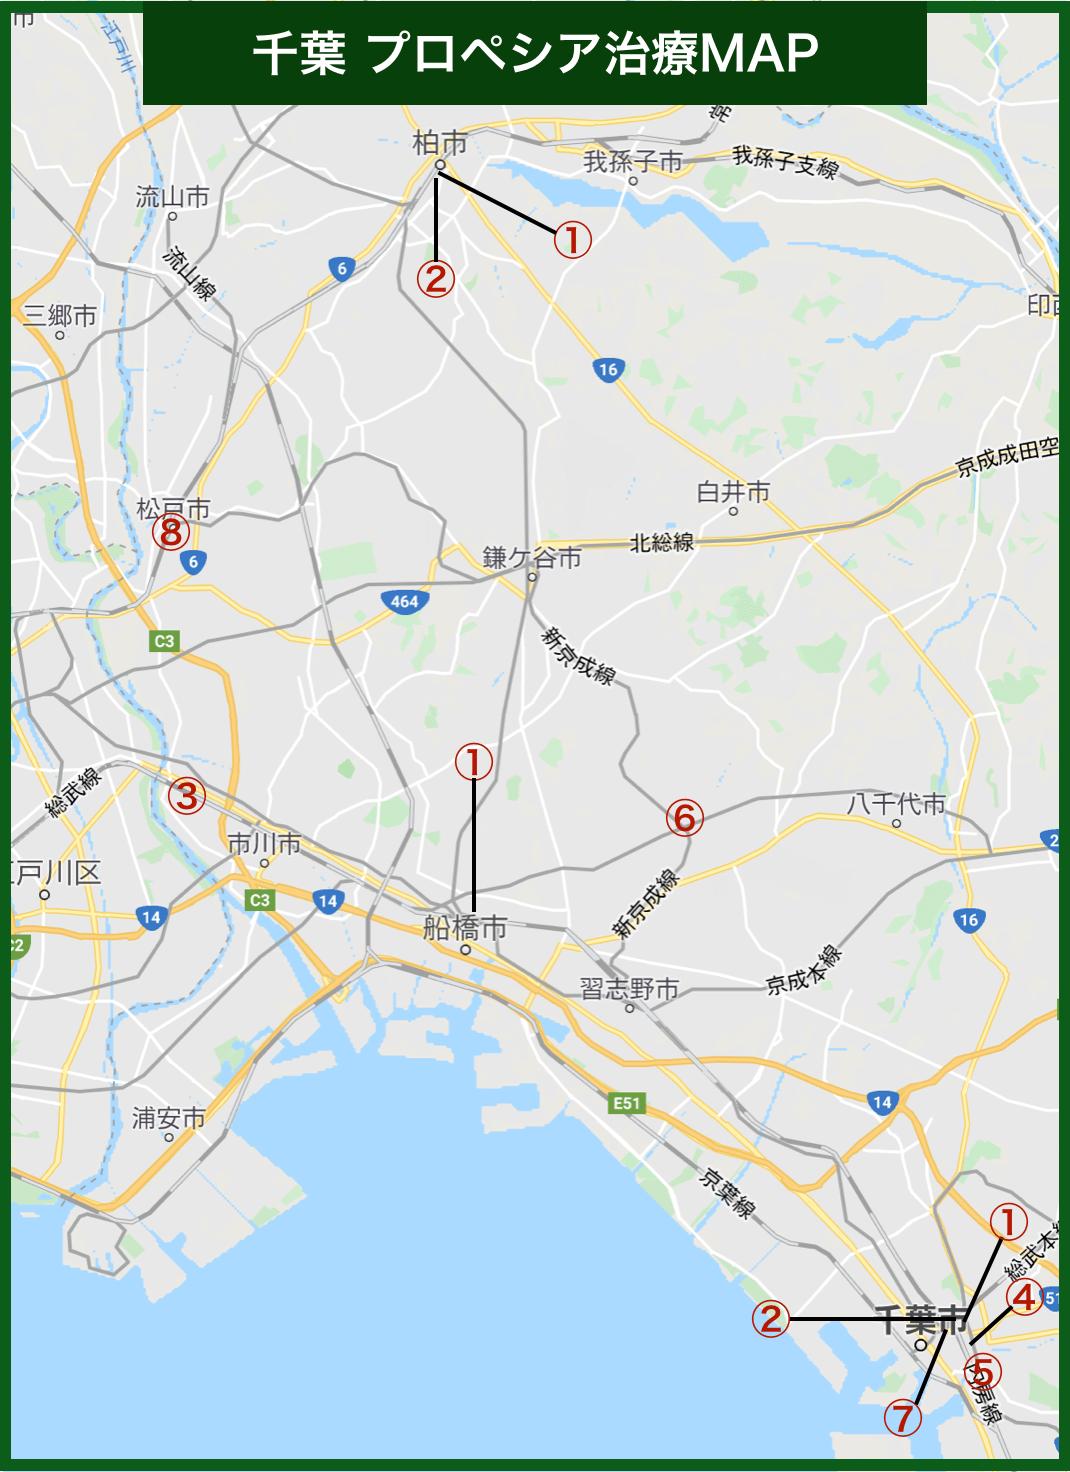 千葉プロペシア治療MAP(2020年版)